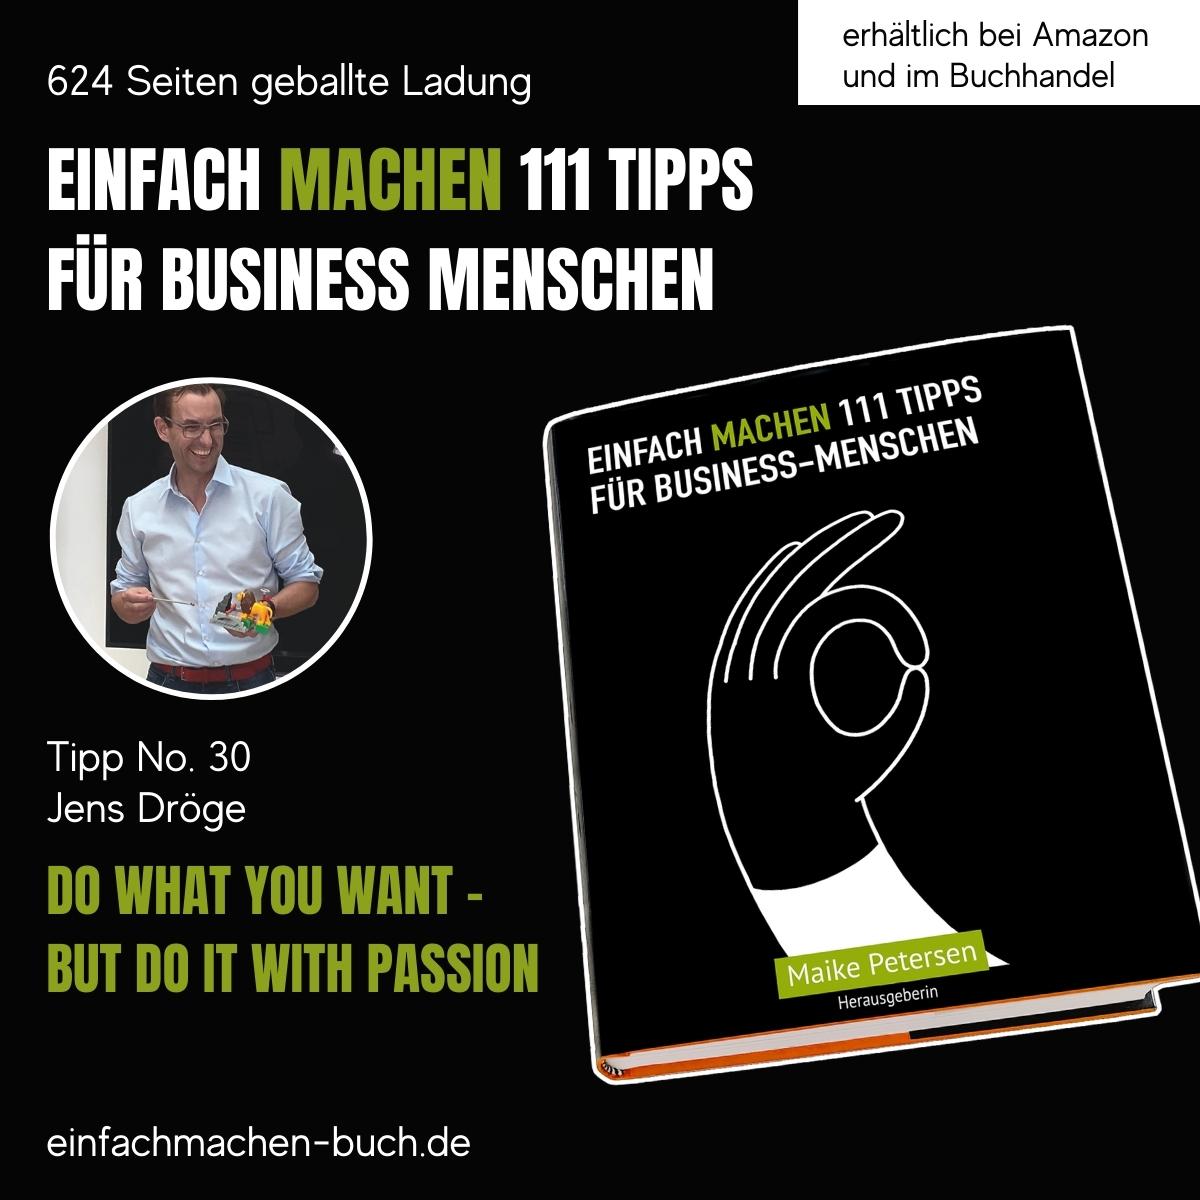 EINFACH MACHEN 111 TIPPS FÜR BUSINESS-MENSCHEN   Tipp No. 30 Jens Dröge